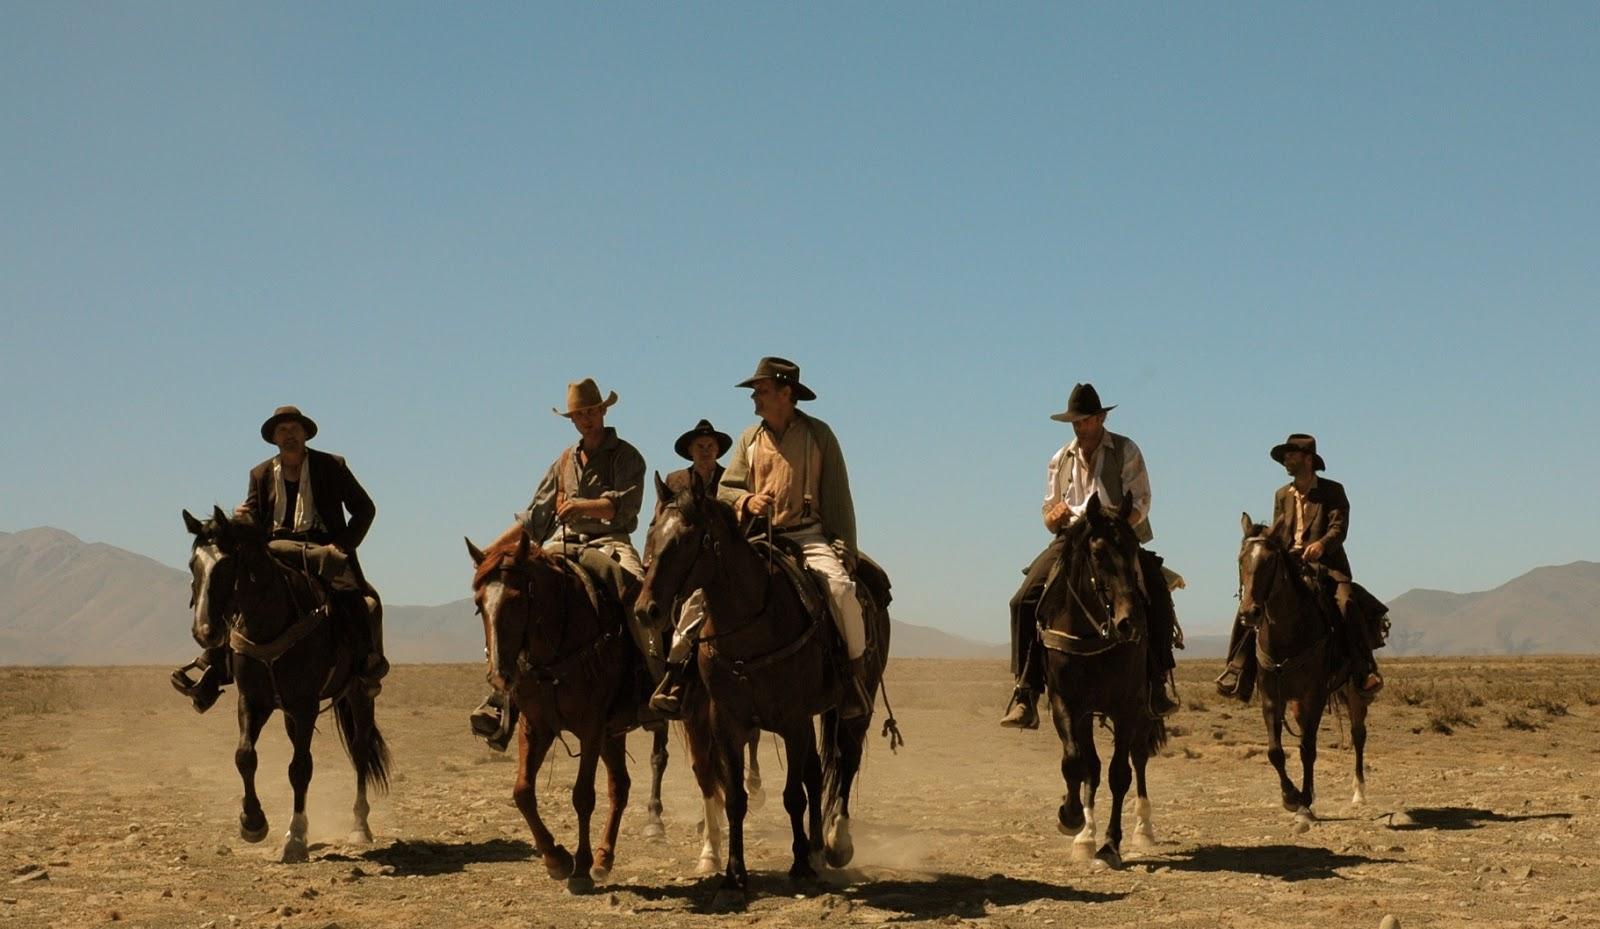 western movies wallpaper wallpapersafari